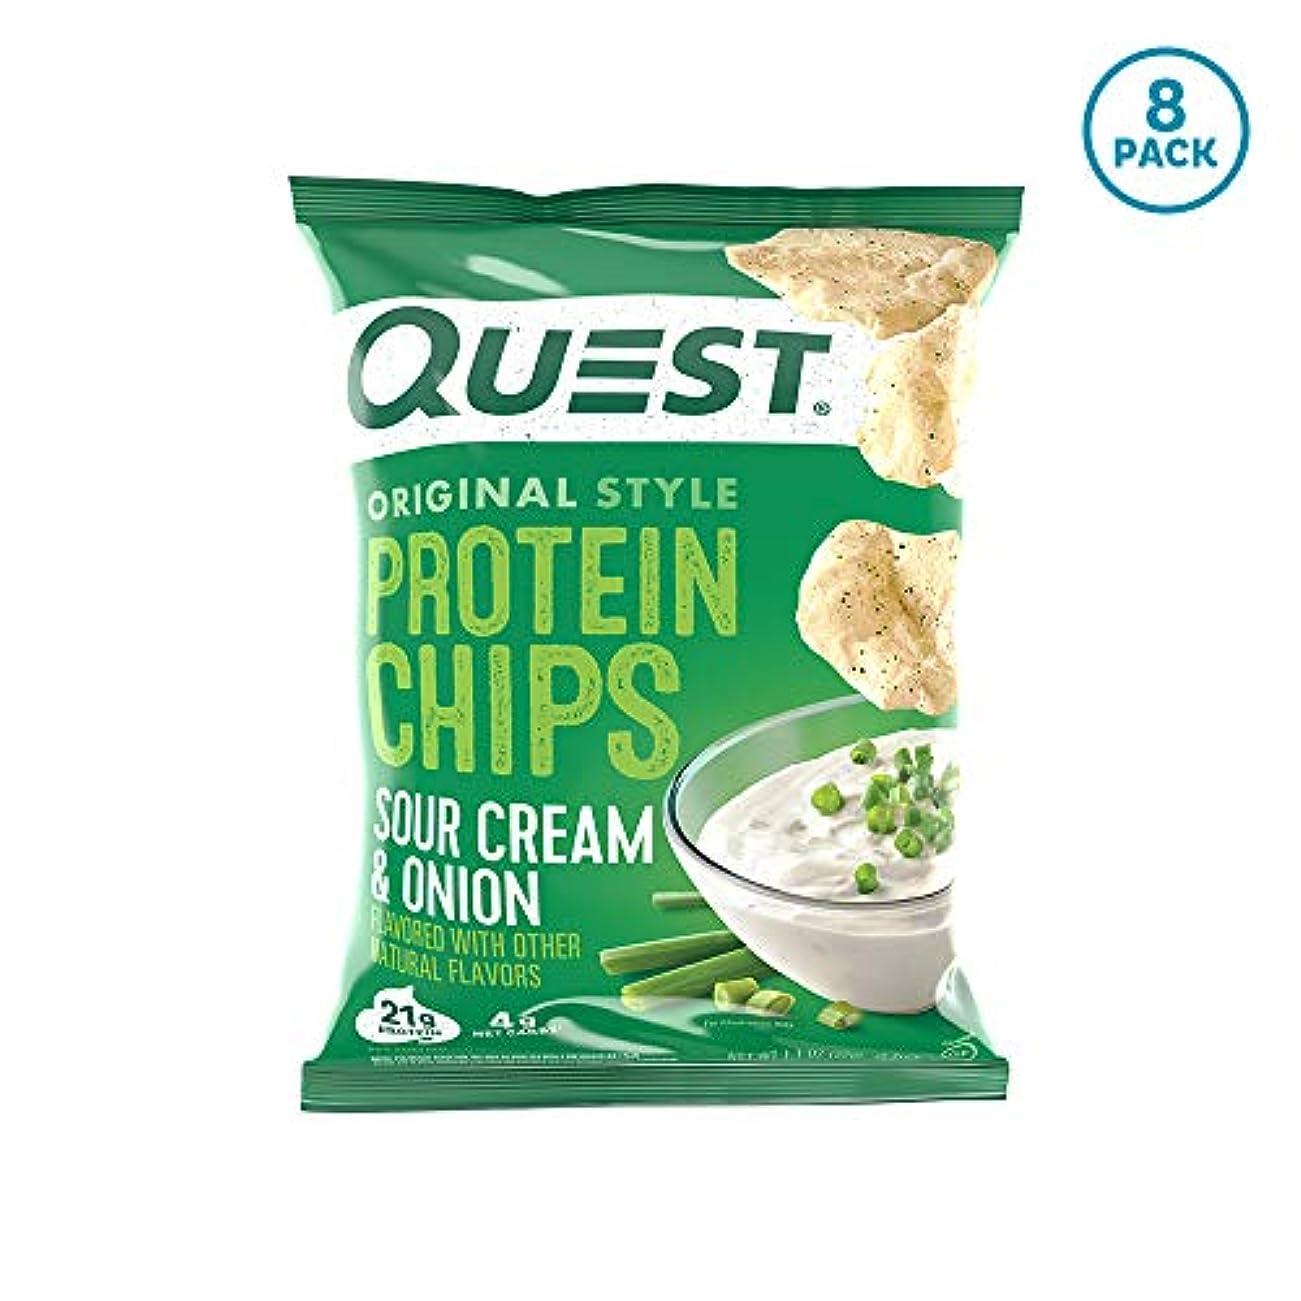 ラッチ達成シネマプロテイン チップス サワークリーム&オニオン フレイバー クエスト 8袋セット 並行輸入品 Quest Nutrition Protein Chips Sour Cream & Onion Pack of 8 海外直送品